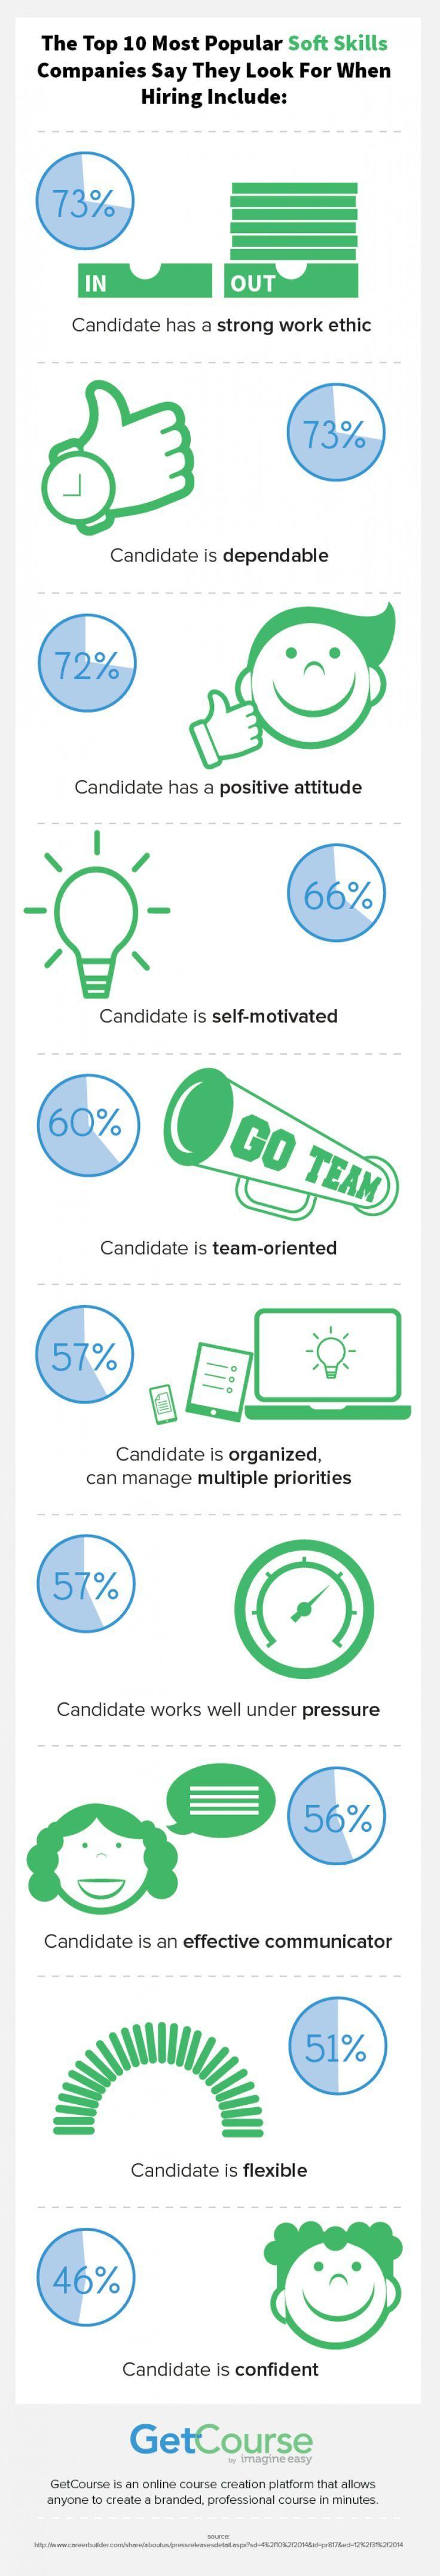 Soft skills infographic. Worauf beim Bewerbungsgespräch geachtet wird. # bewerbung #karriere www.